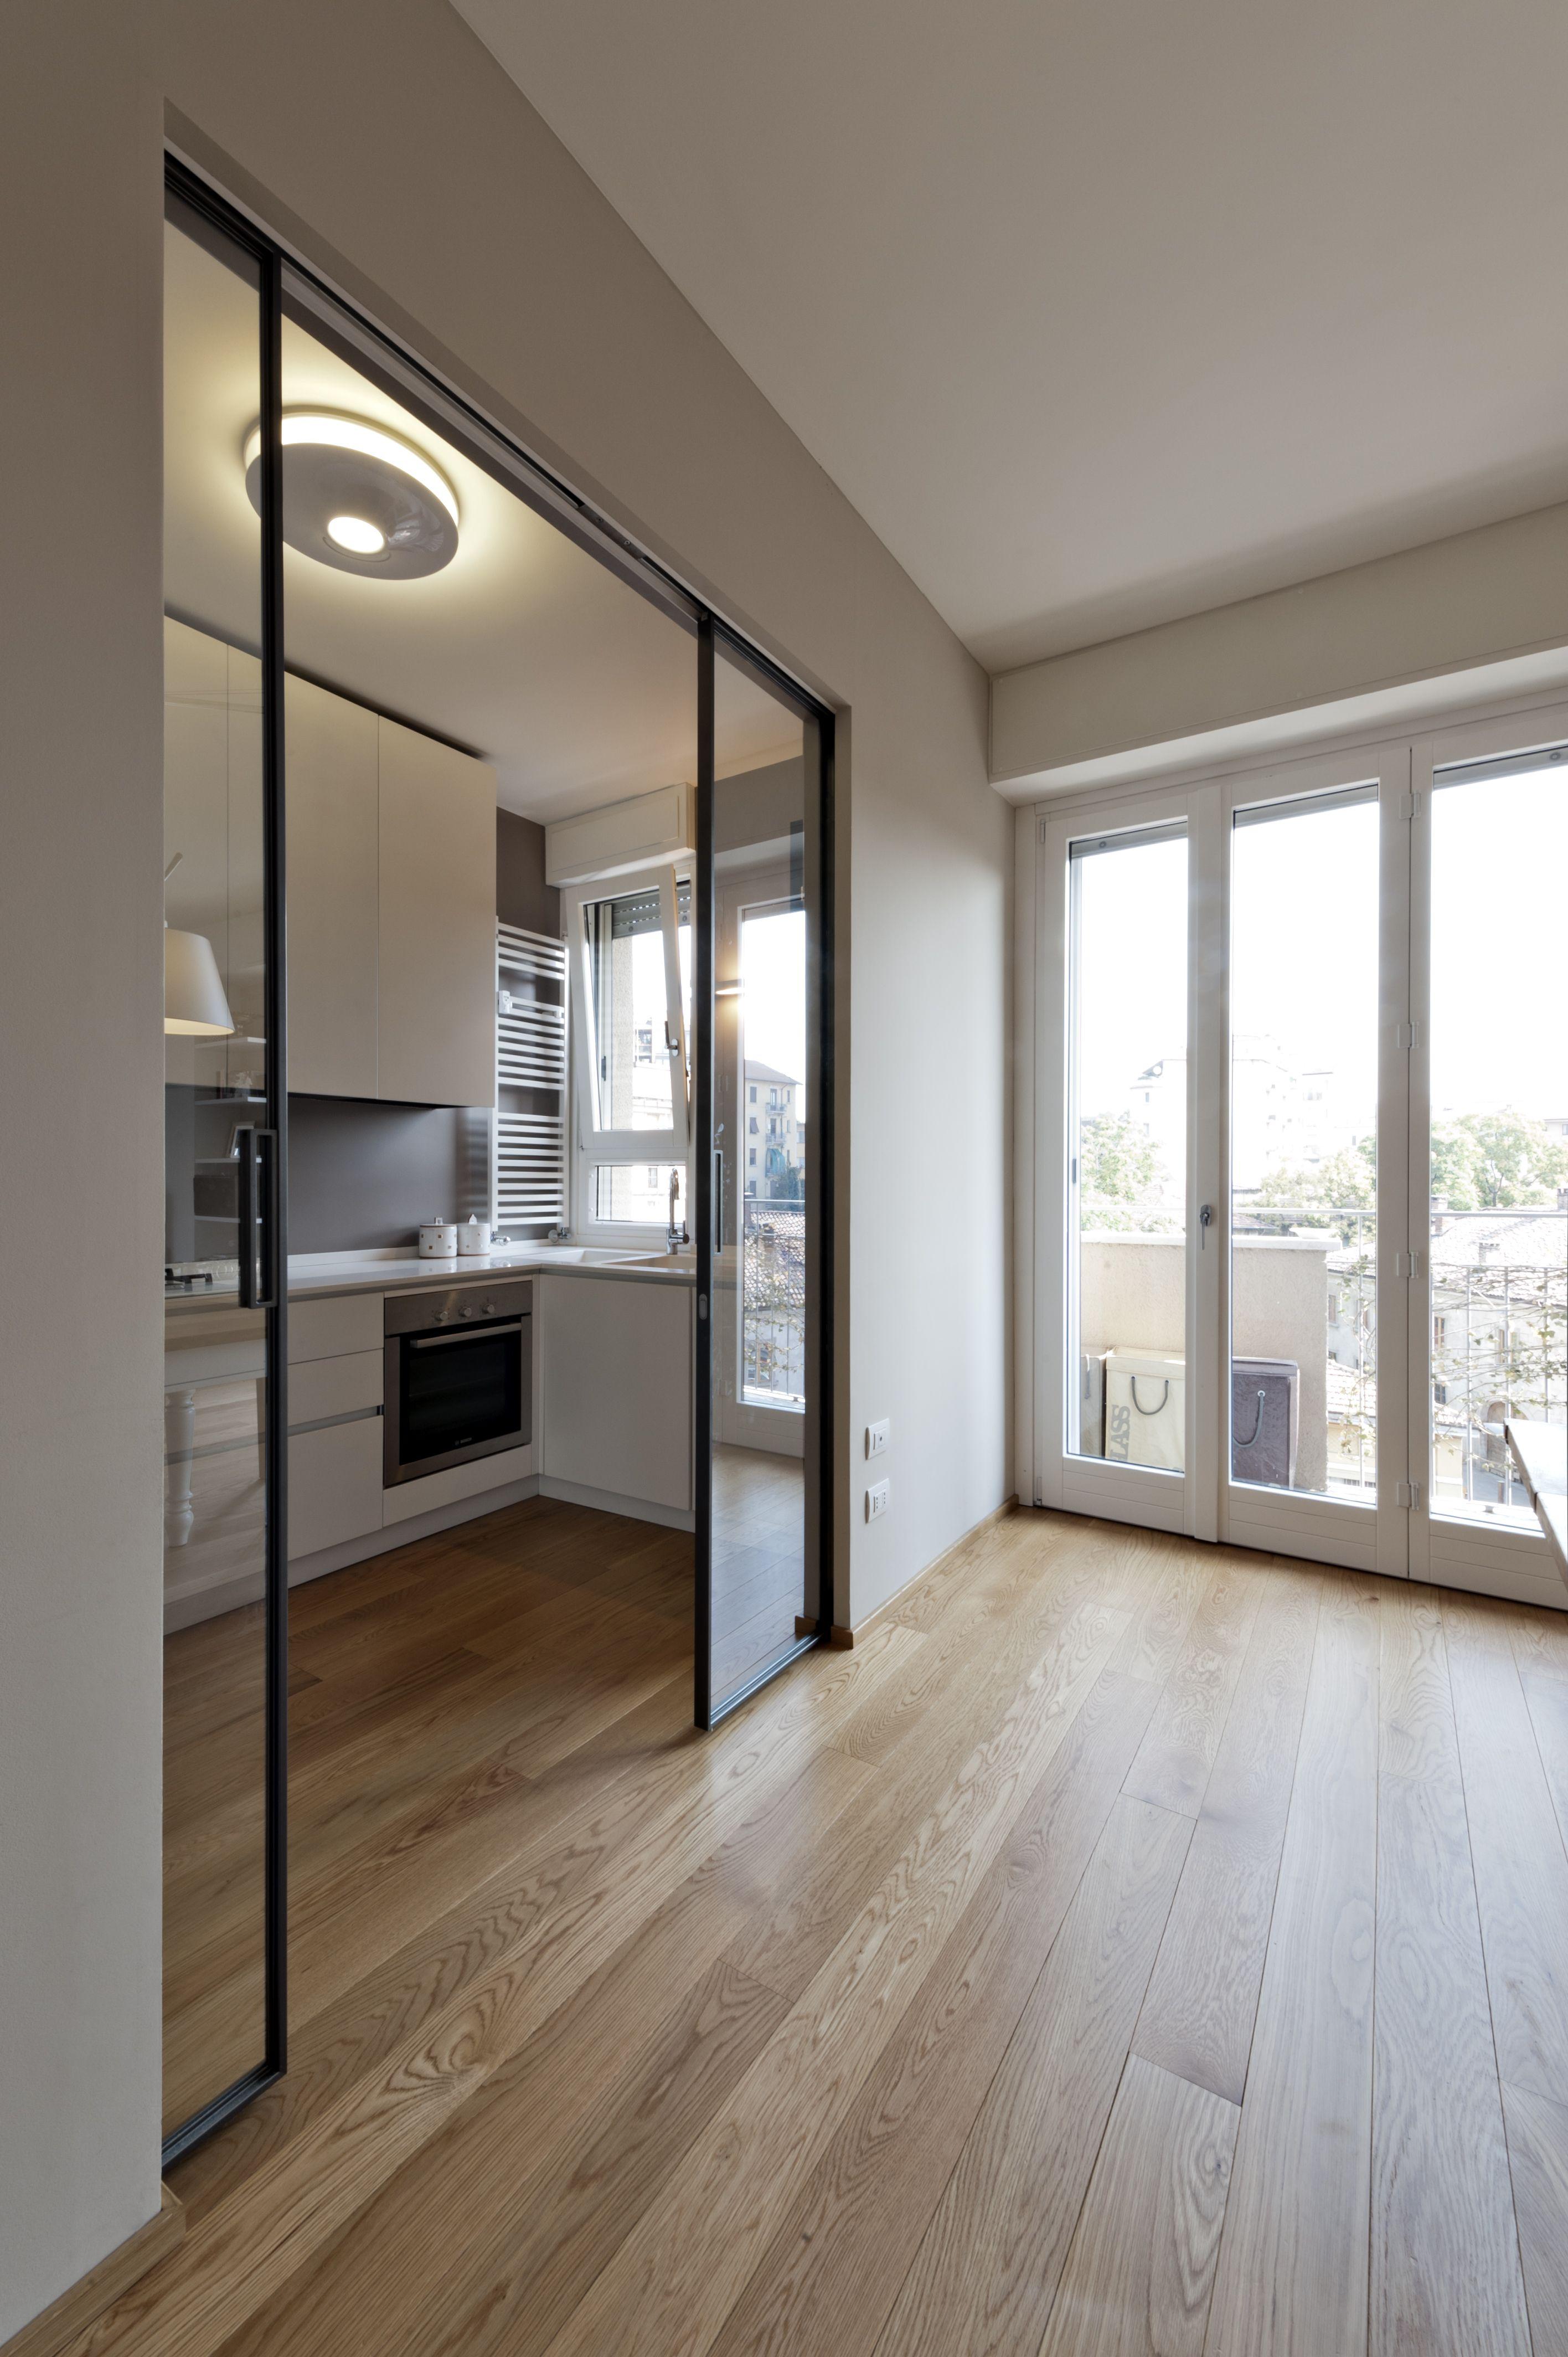 Kitchen And Living Room Cucina Kitchen Interior Interno Ristrutturazione Appartamento